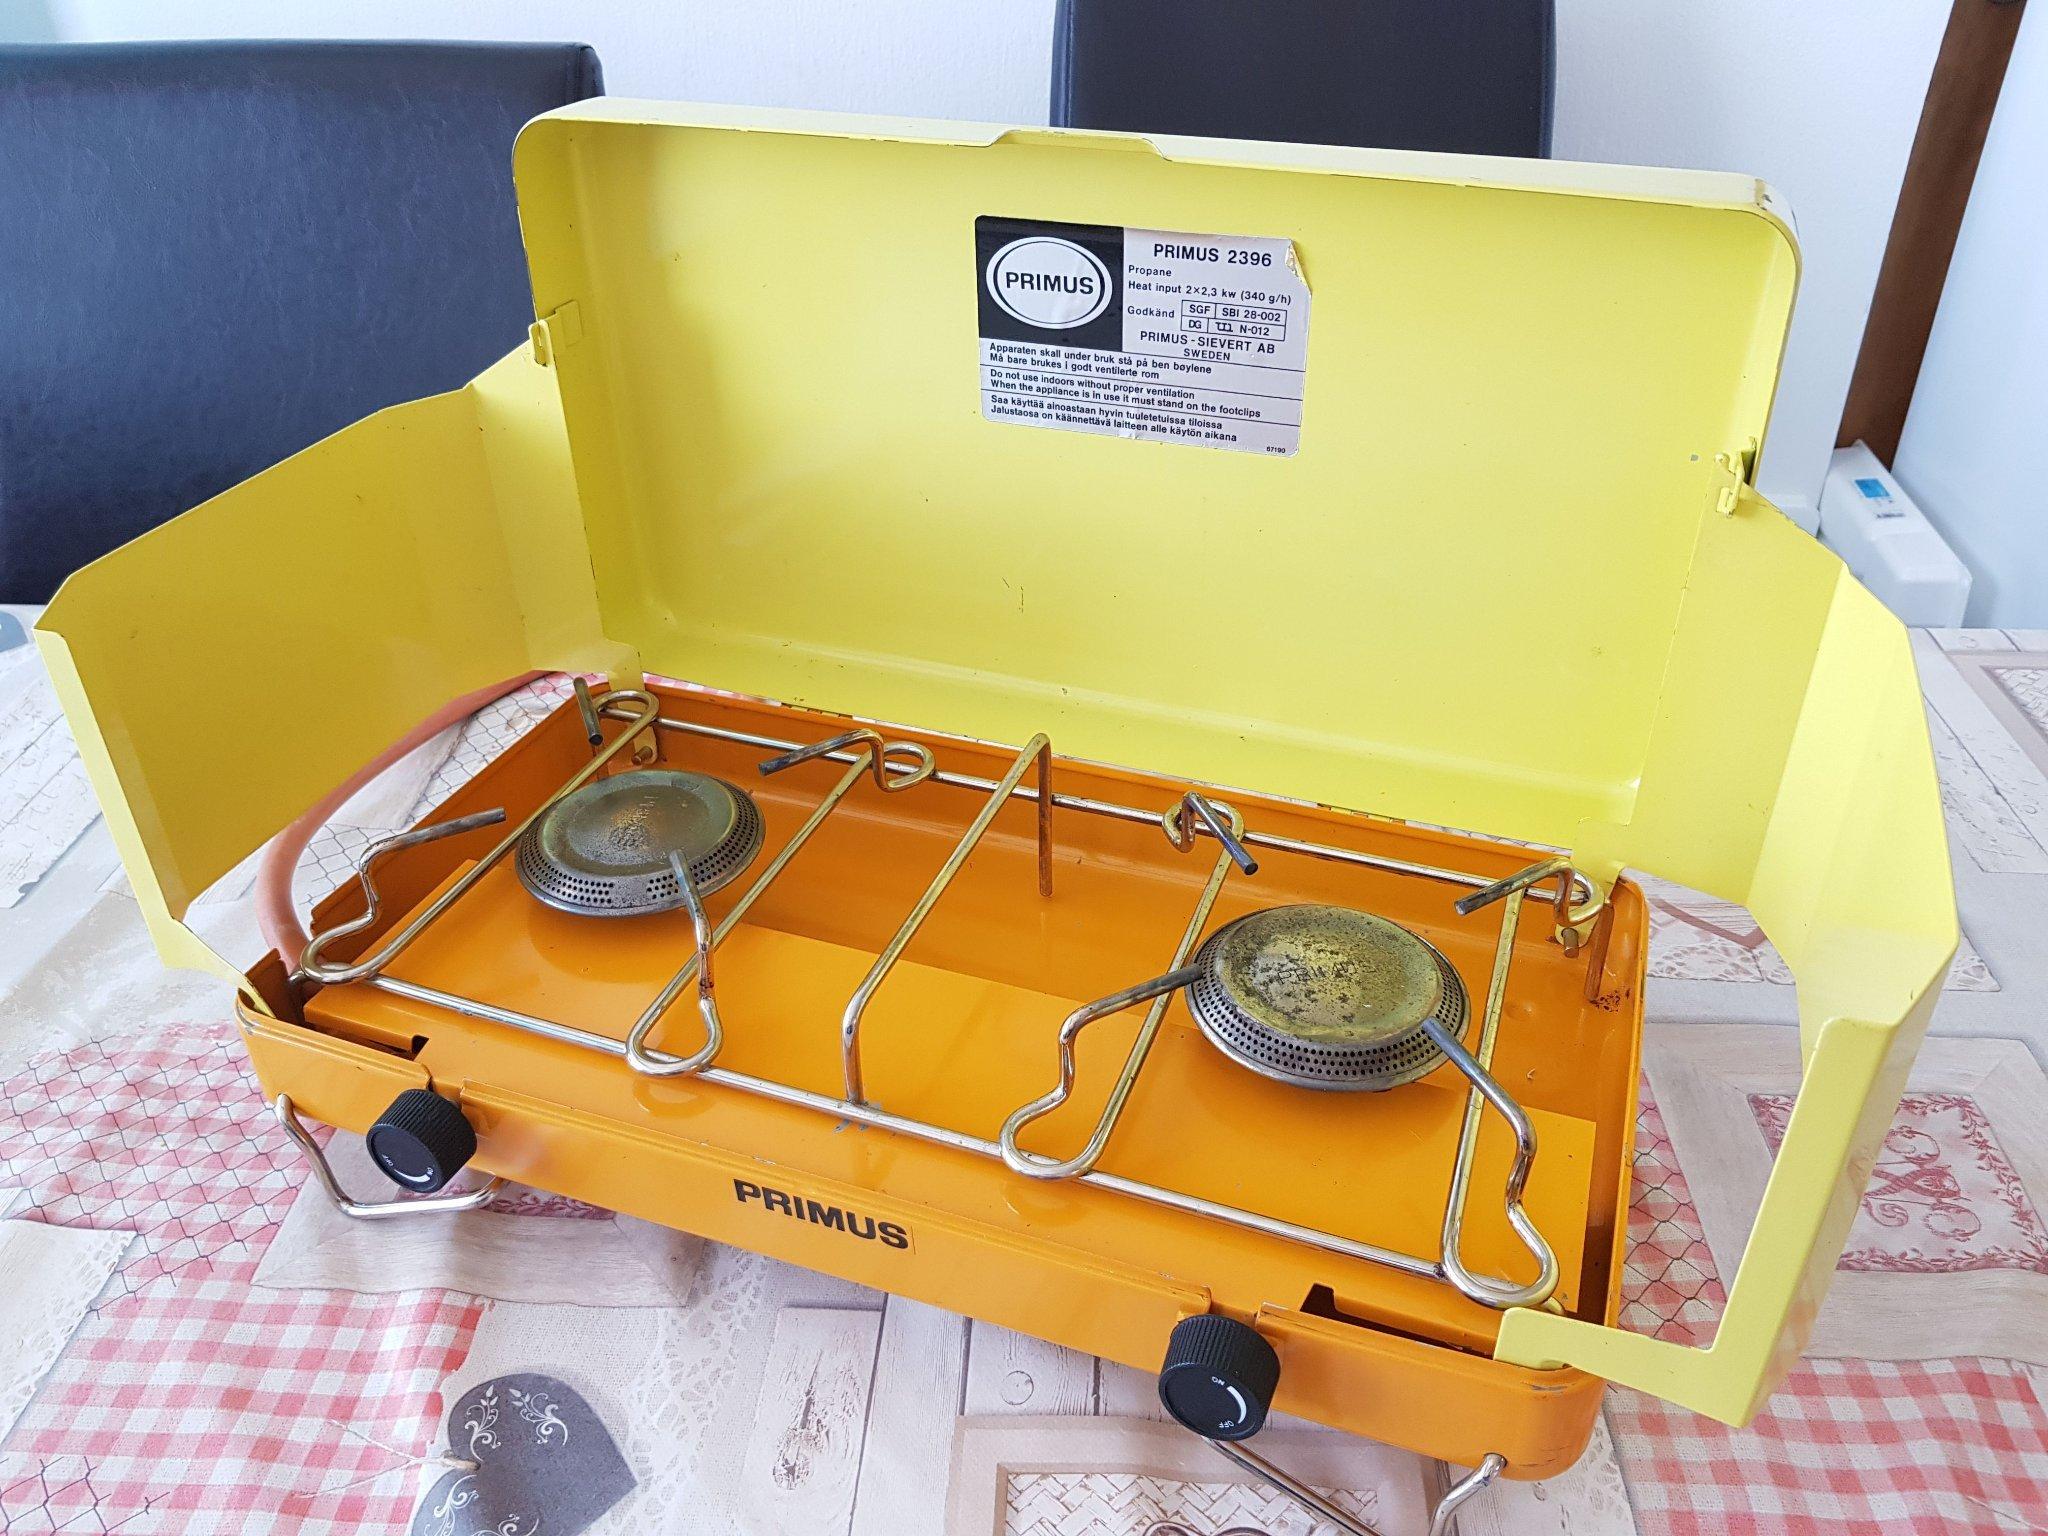 Primus 2396 gasolkök campingkök (354862282) ᐈ Köp på Tradera